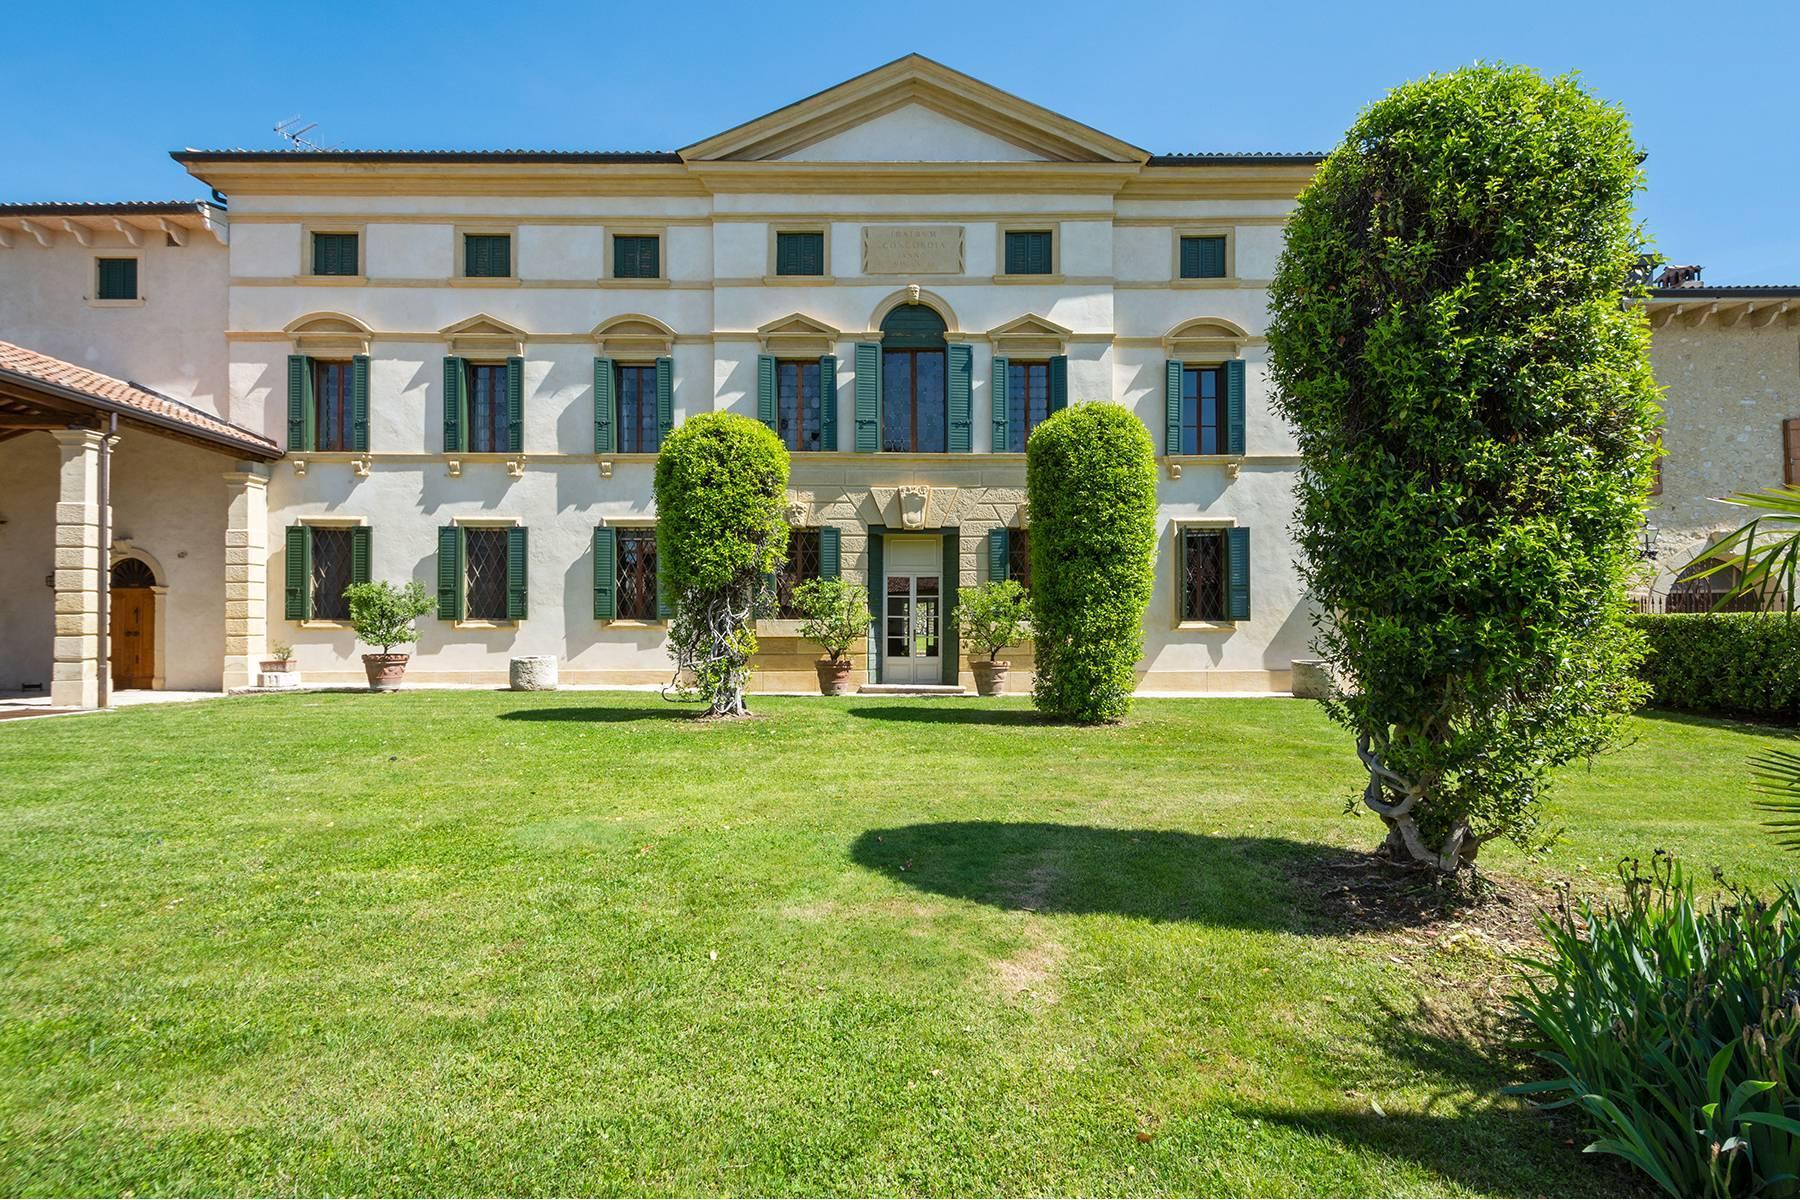 Historische Villa mit Park und prächtigem alten Keller, umgeben von Weinbergen - 7